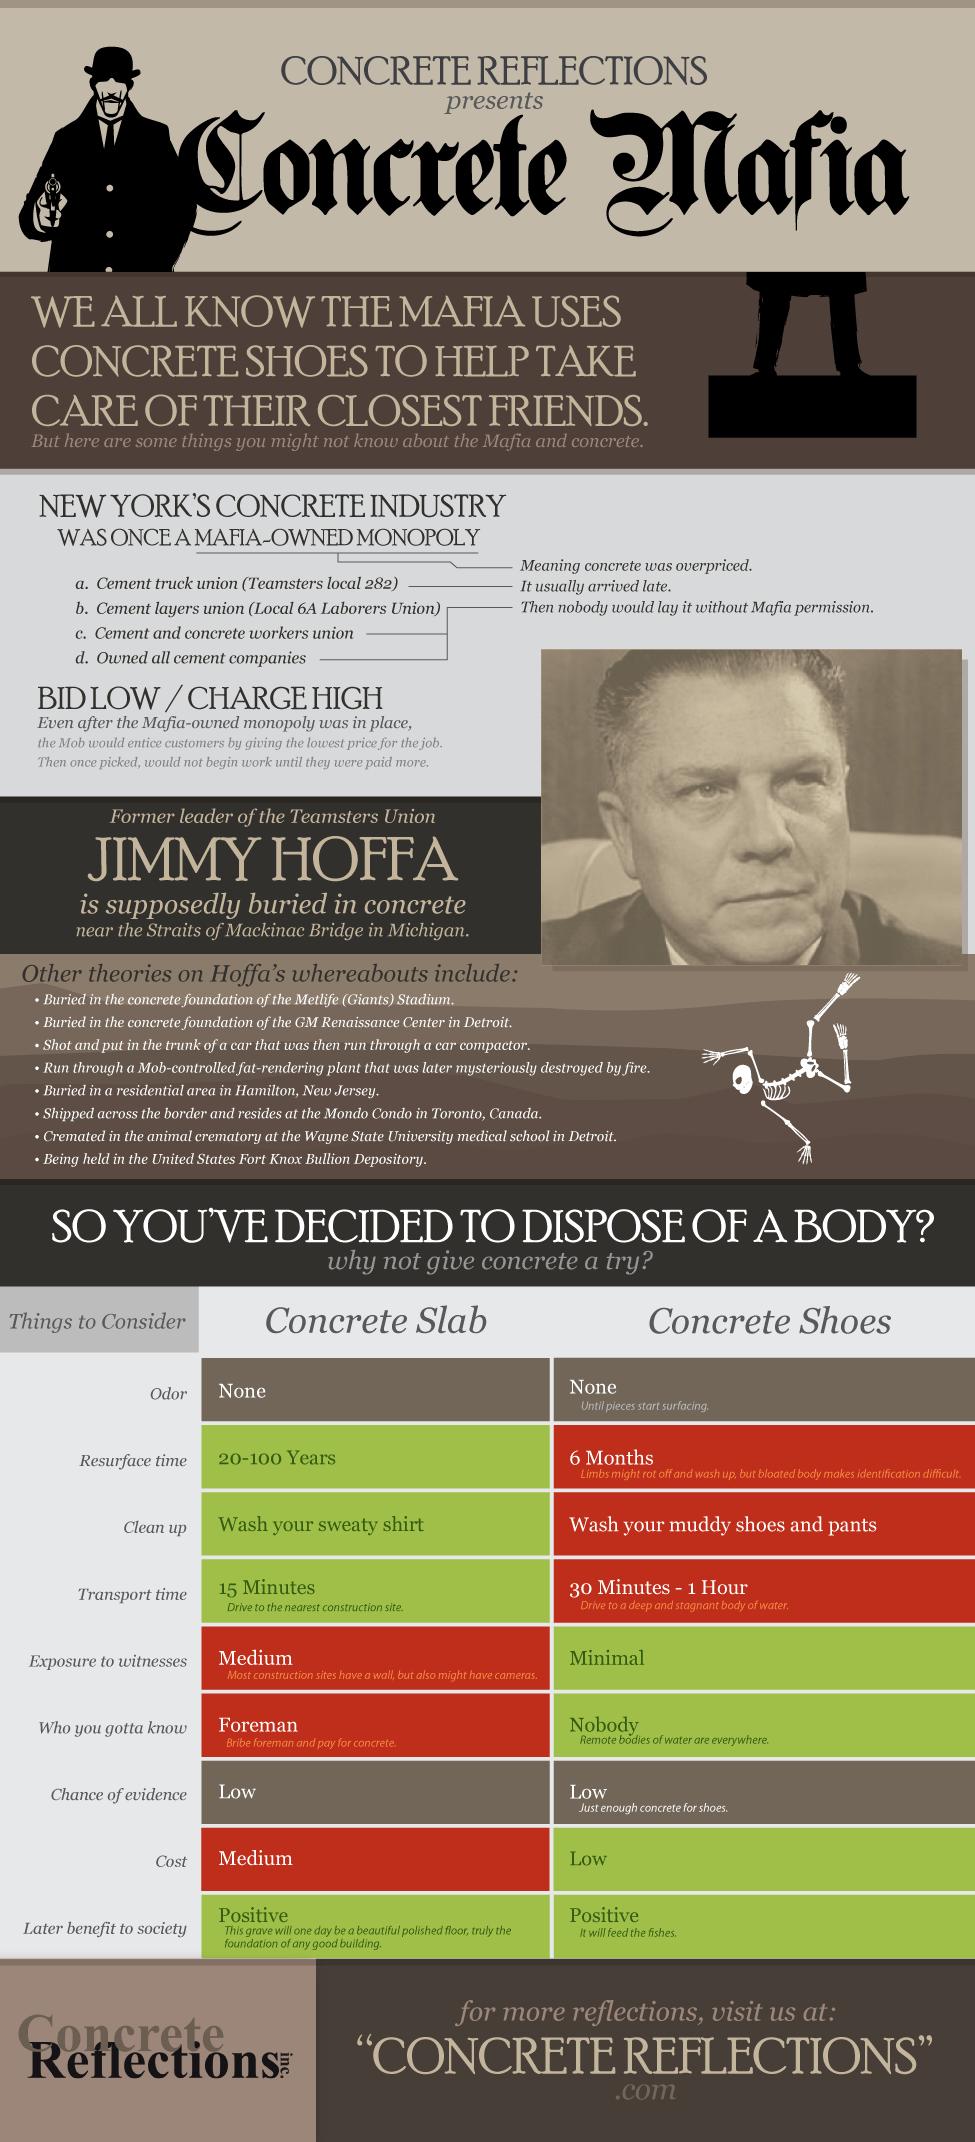 Concrete Mafia (With images) Infographic, Mafia, Concrete